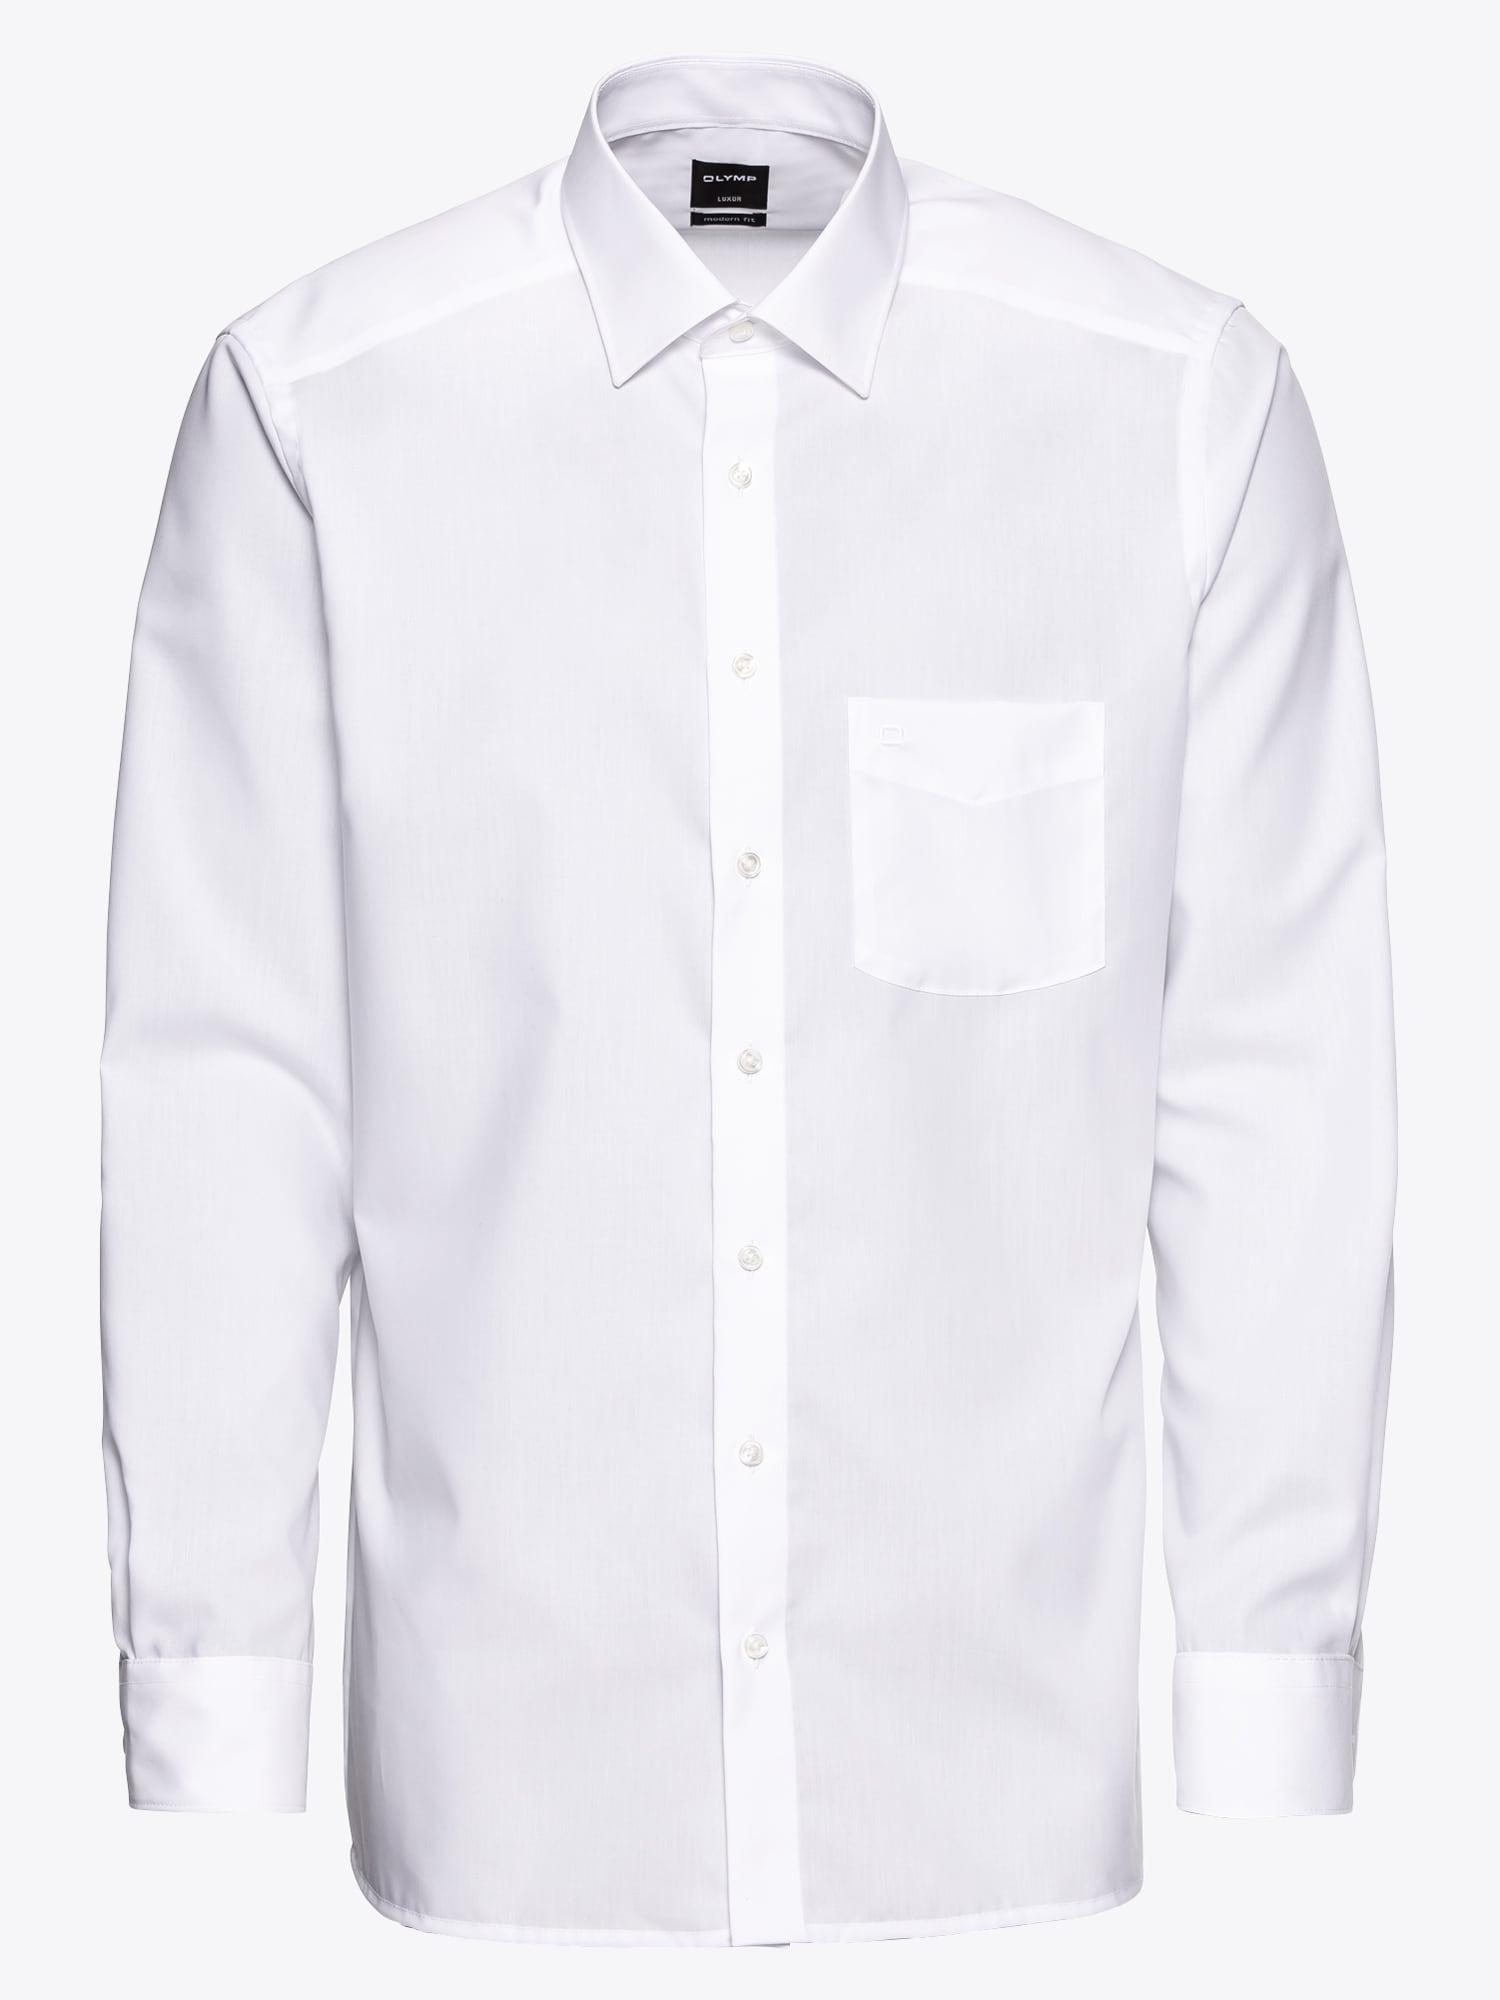 OLYMP, Heren Zakelijk overhemd 'Luxor Uni Pop', wit